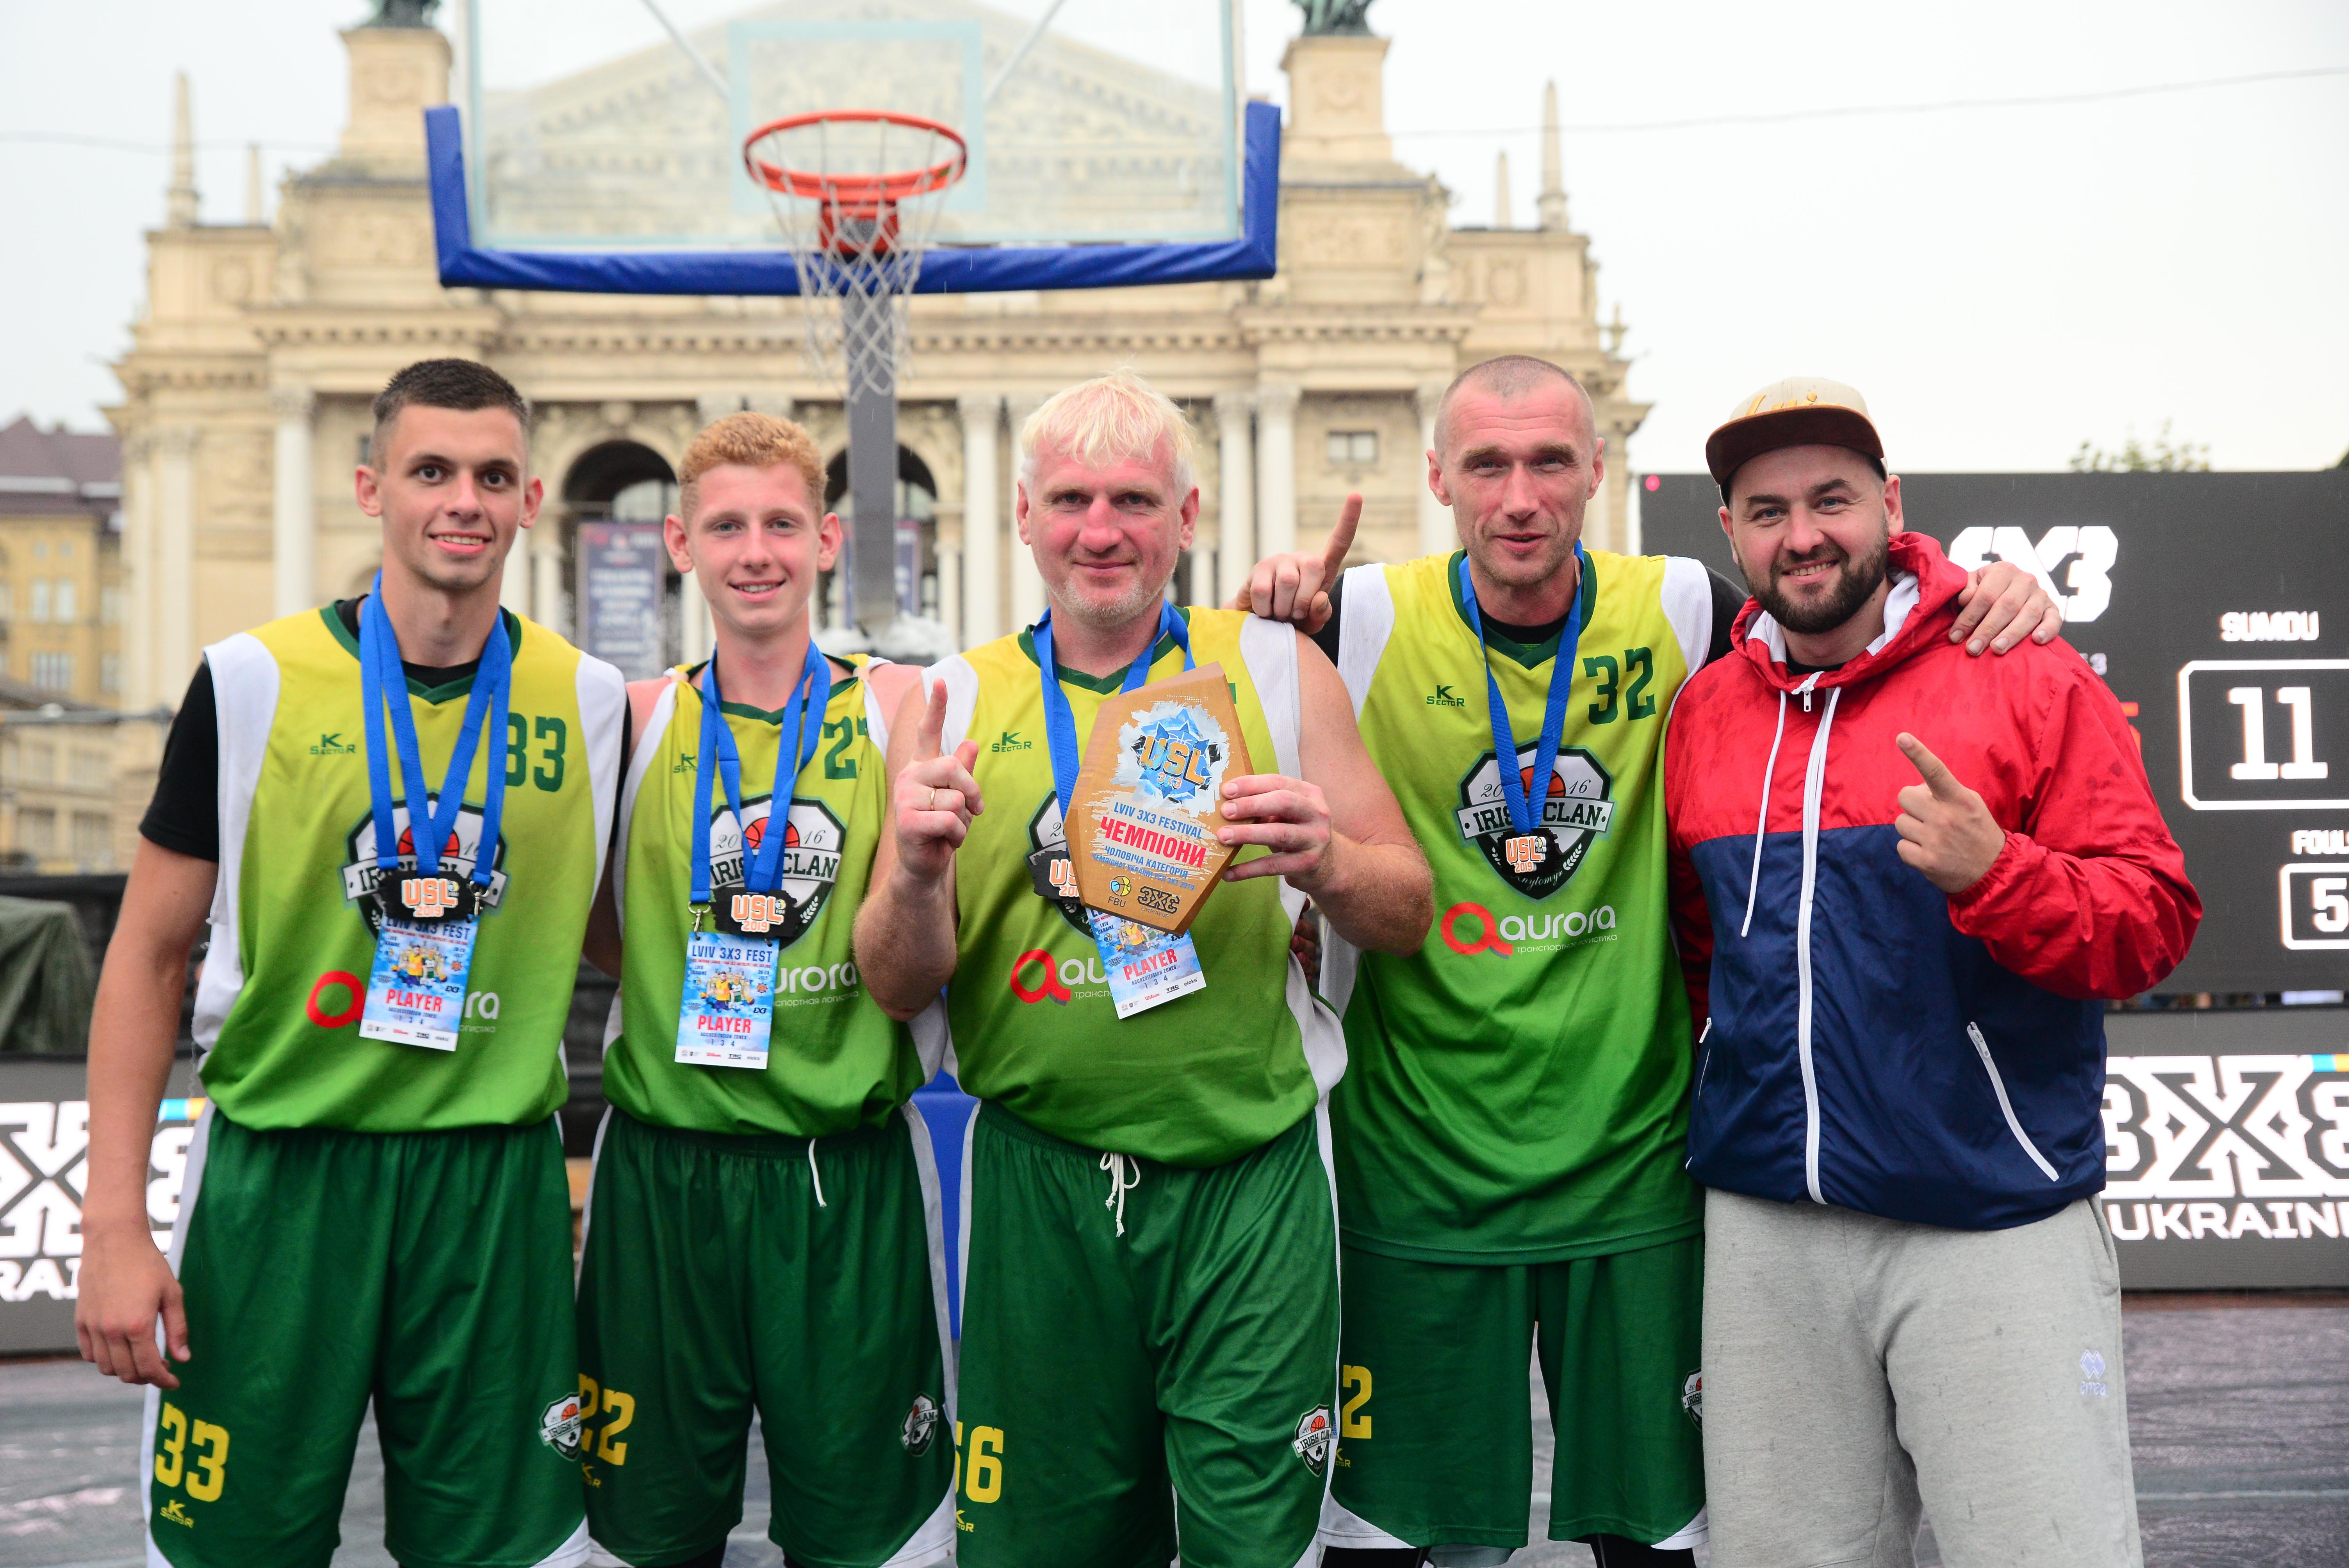 Визначилися переможці Lviv 3x3 Fest у чоловіків та жінок